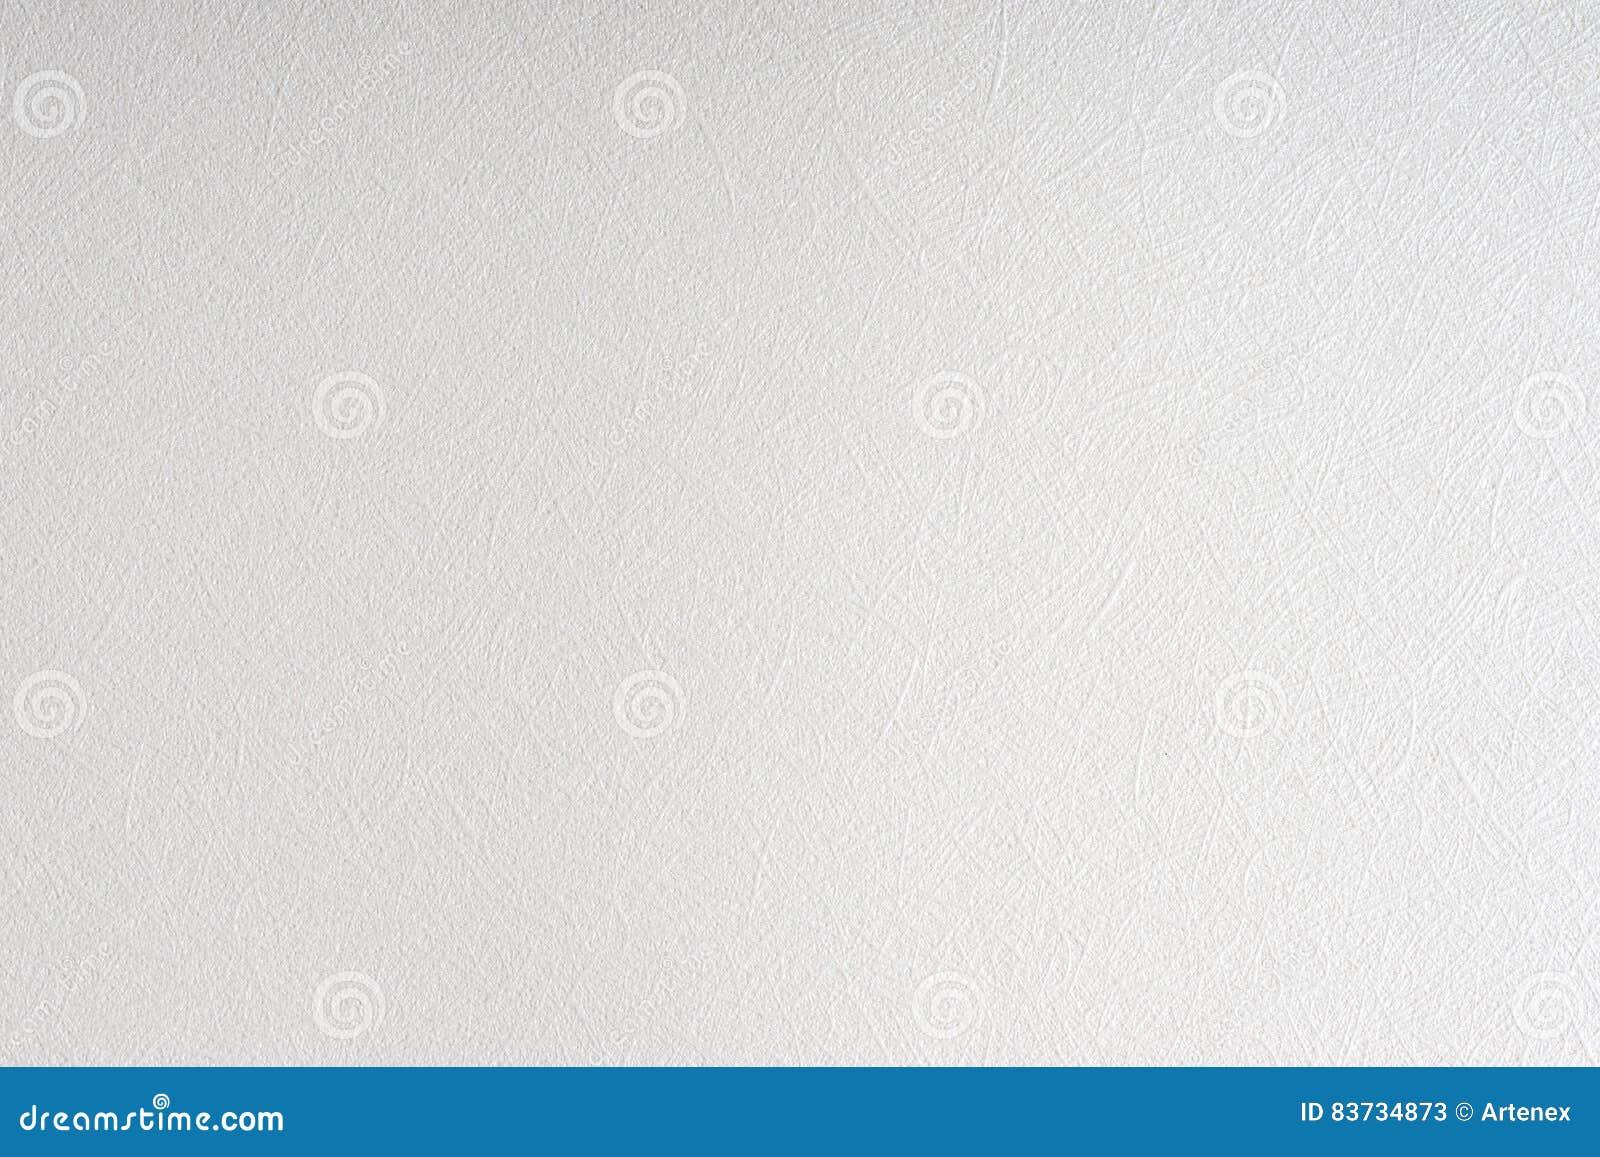 明亮的白色有斑纹的纸纹理背景 压印的毛线,麻线,鞋带样式